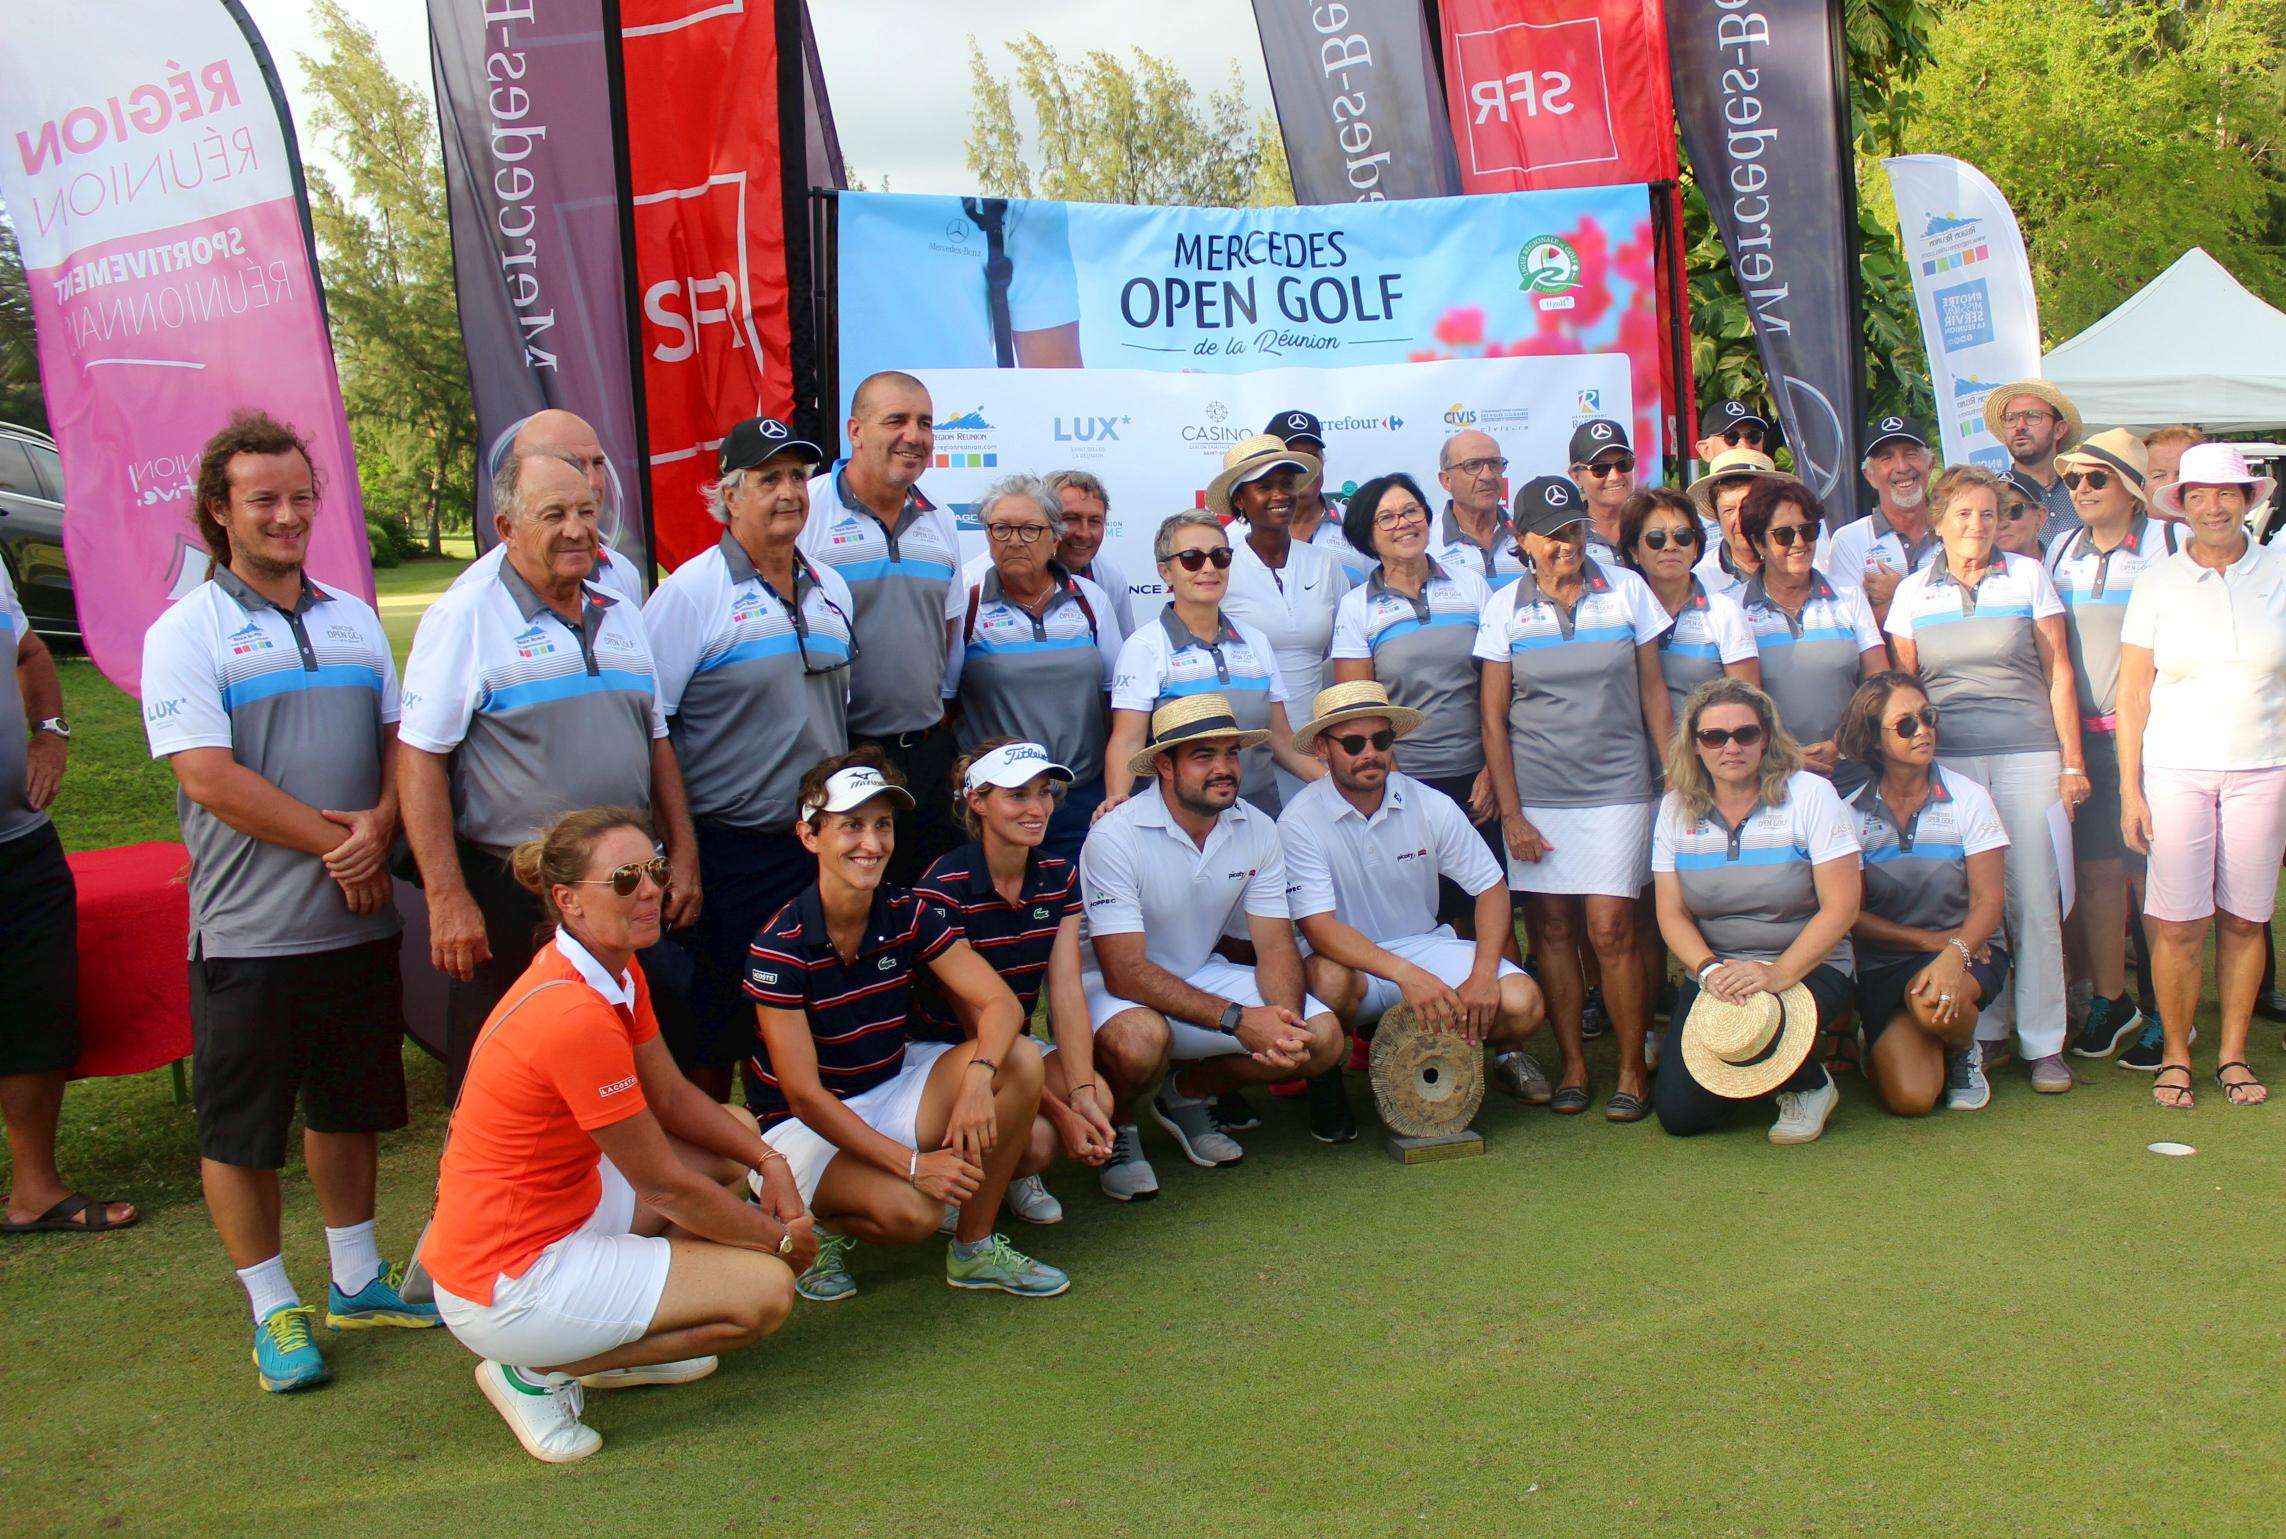 Golf - France - Internationaux de France de double: le grade de vainqueur pour Léonard Bem et Maxime Radureau